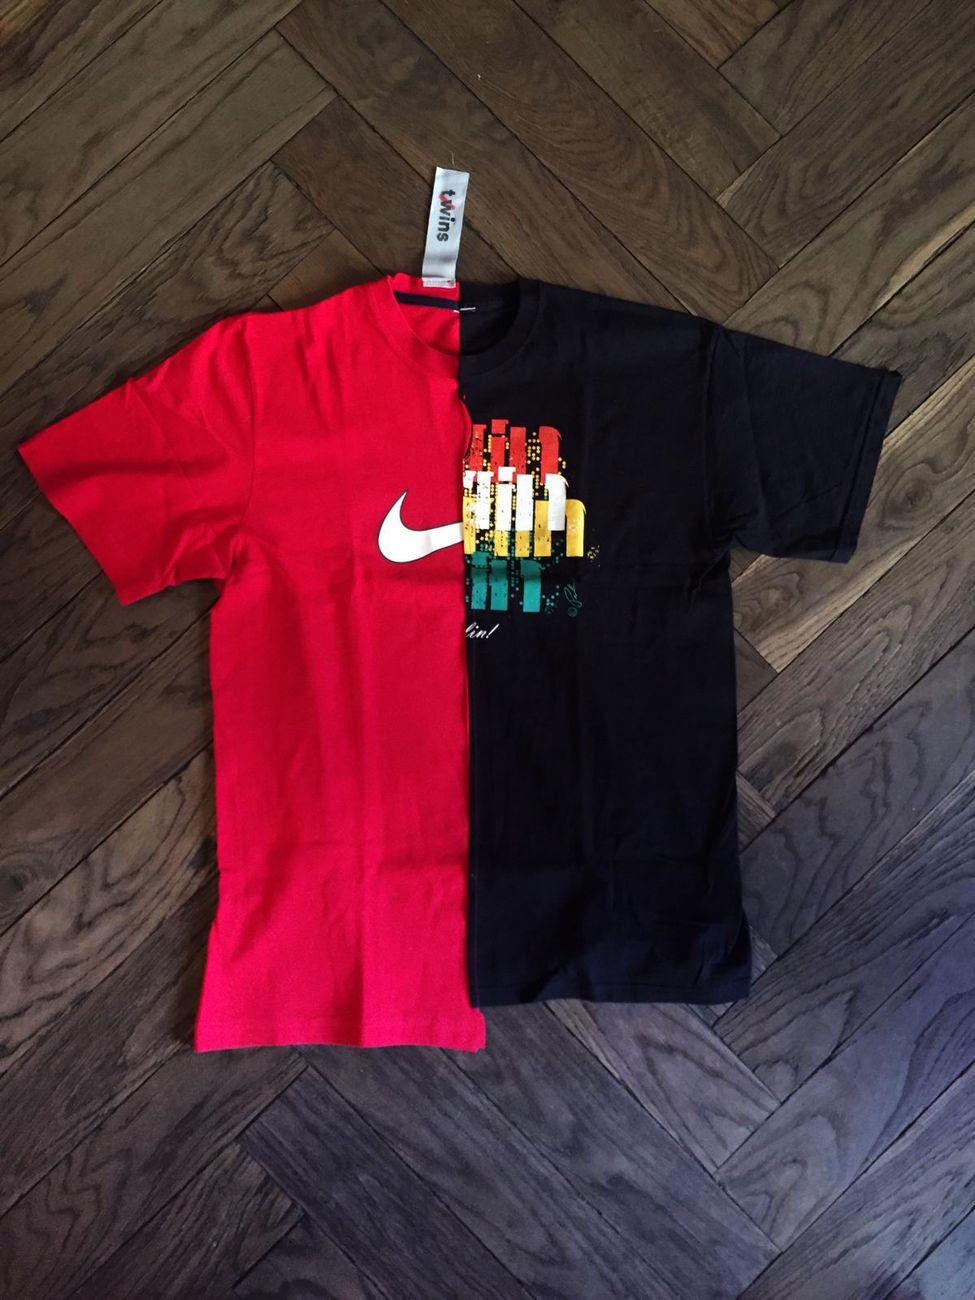 Le t-shirt di t-wins. Zoro